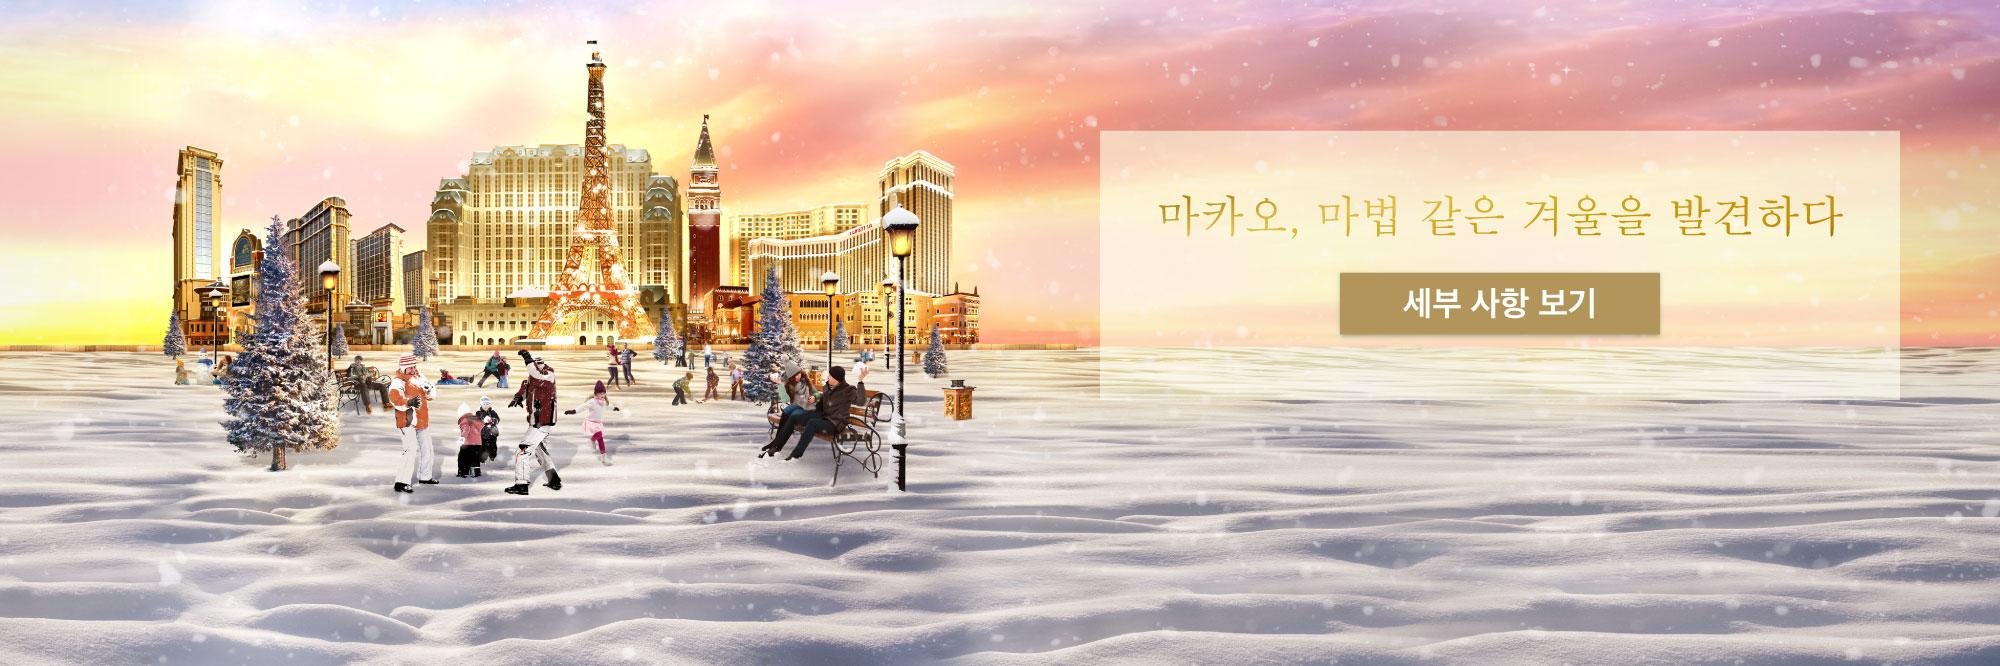 샌즈 리조트 마카오에서 신비로운 겨울을 발견해 보세요